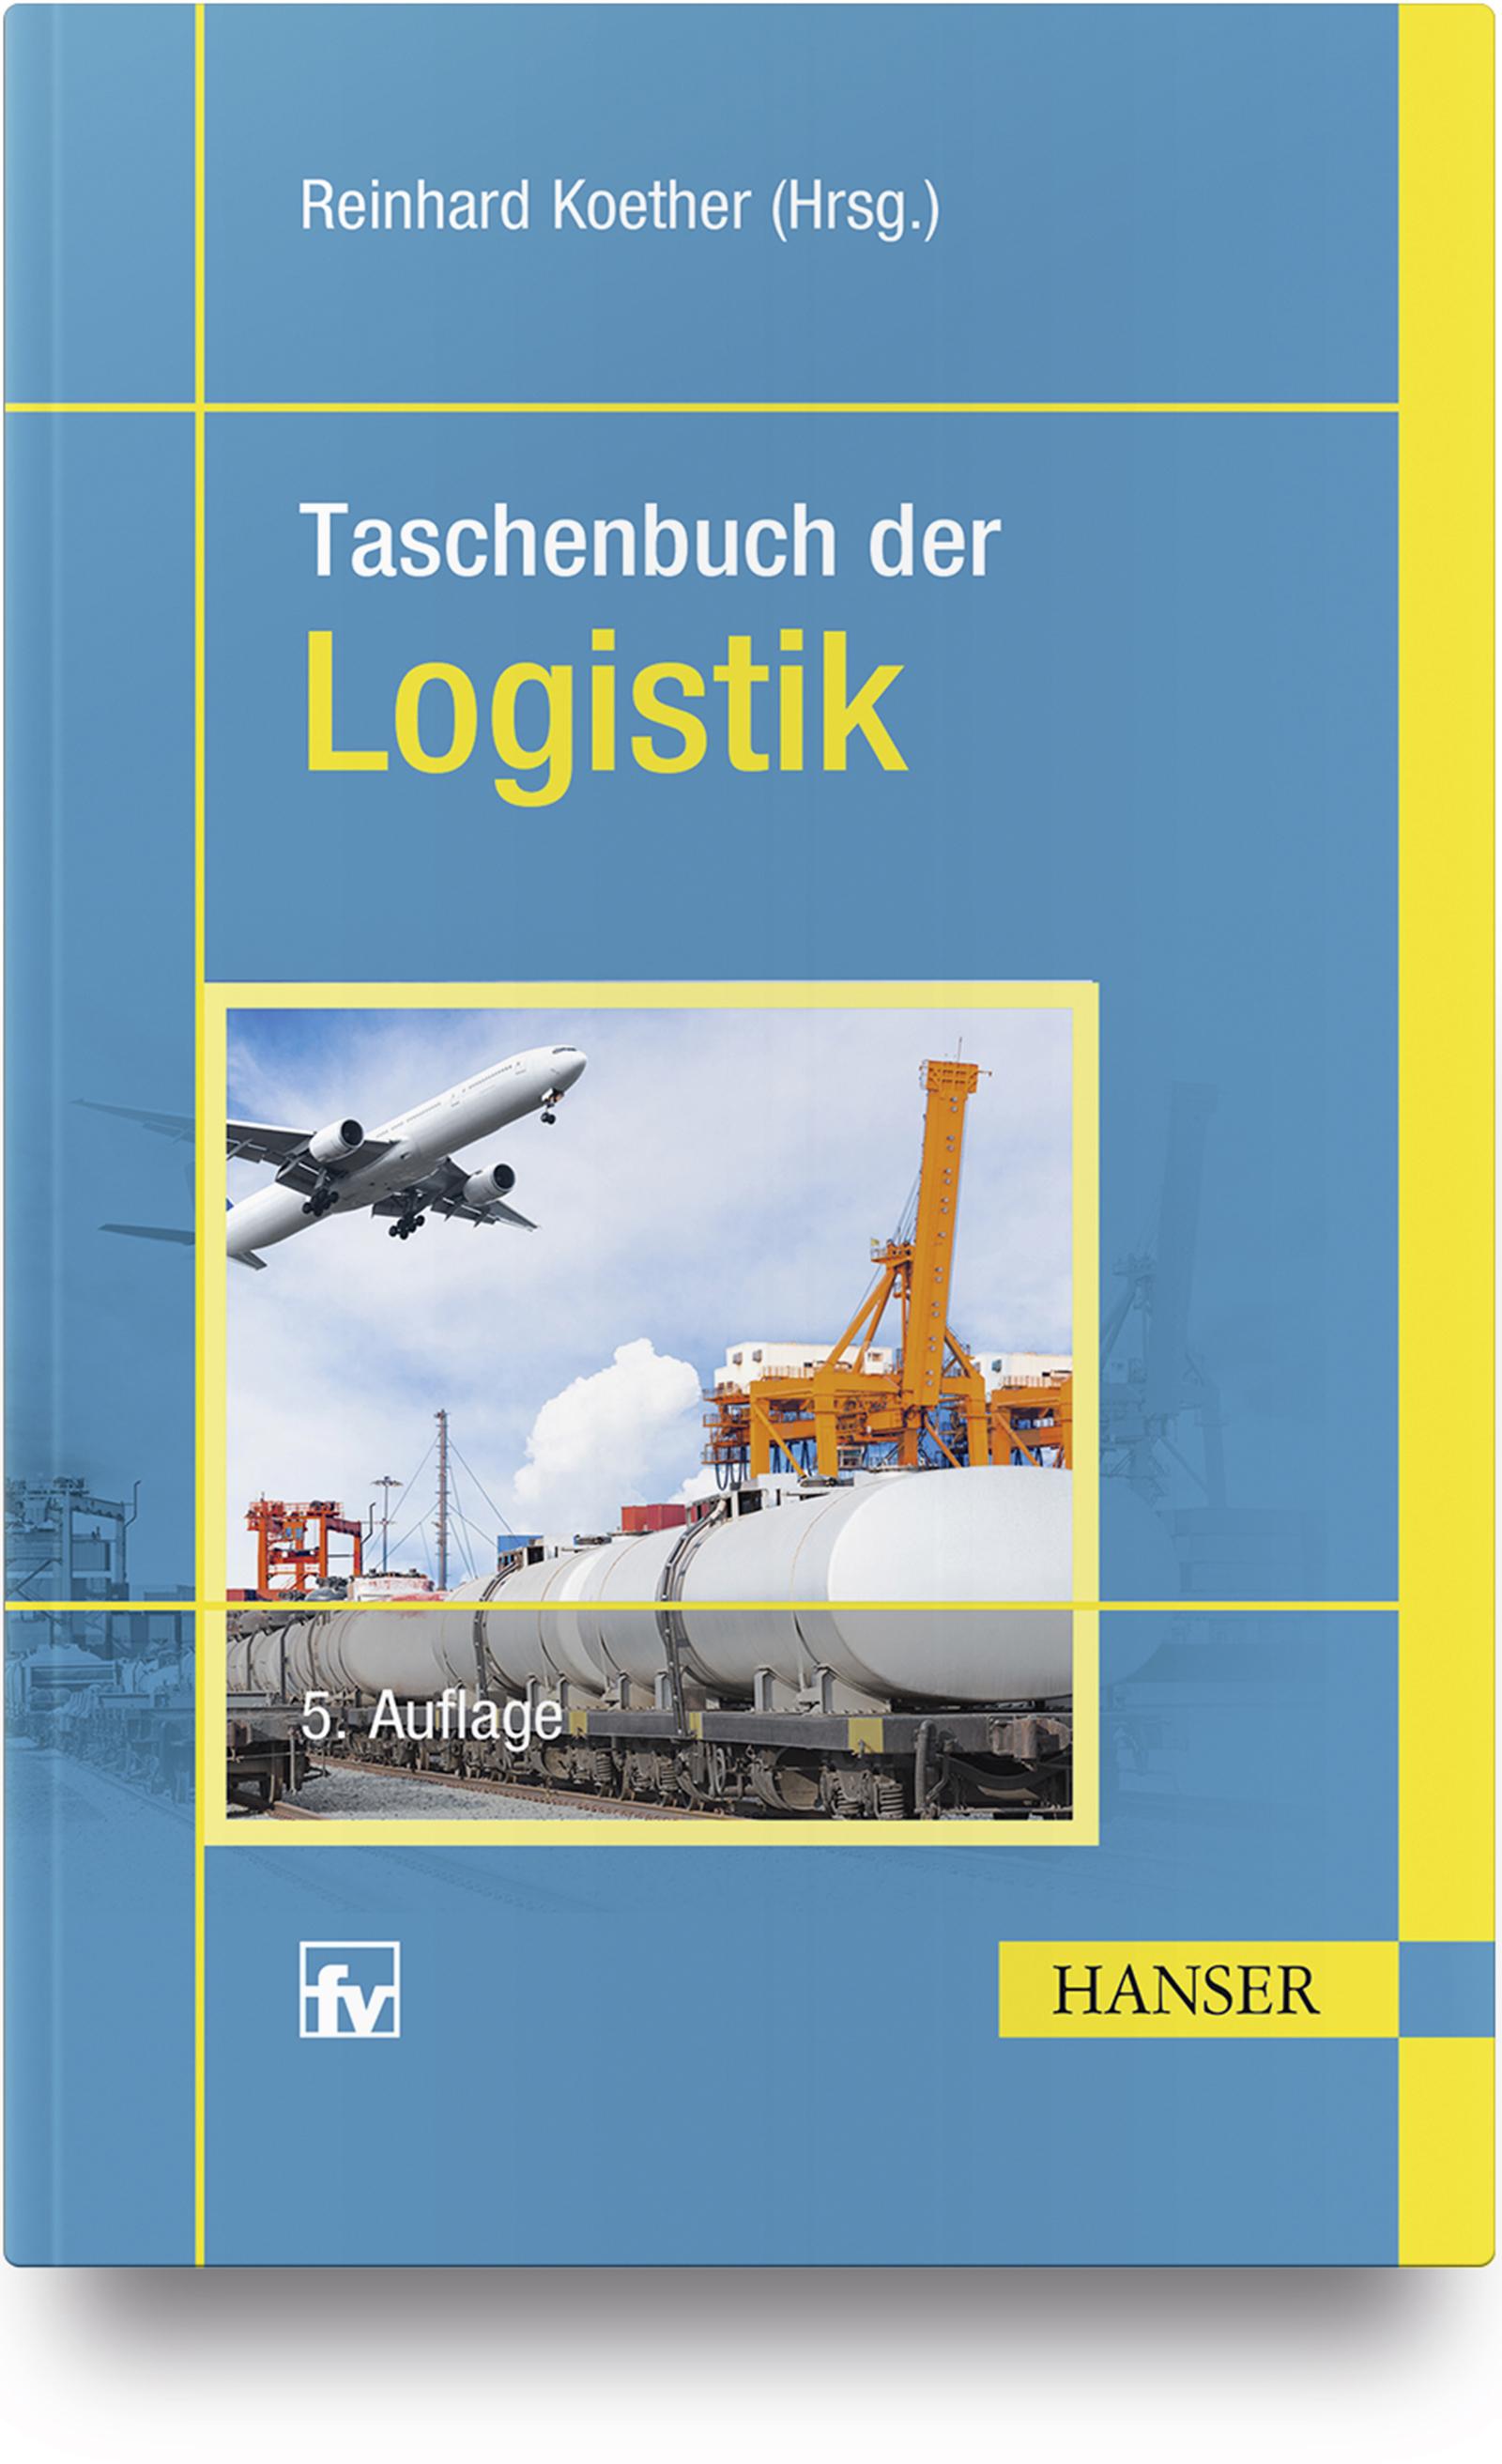 Taschenbuch der Logistik, 978-3-446-45414-9